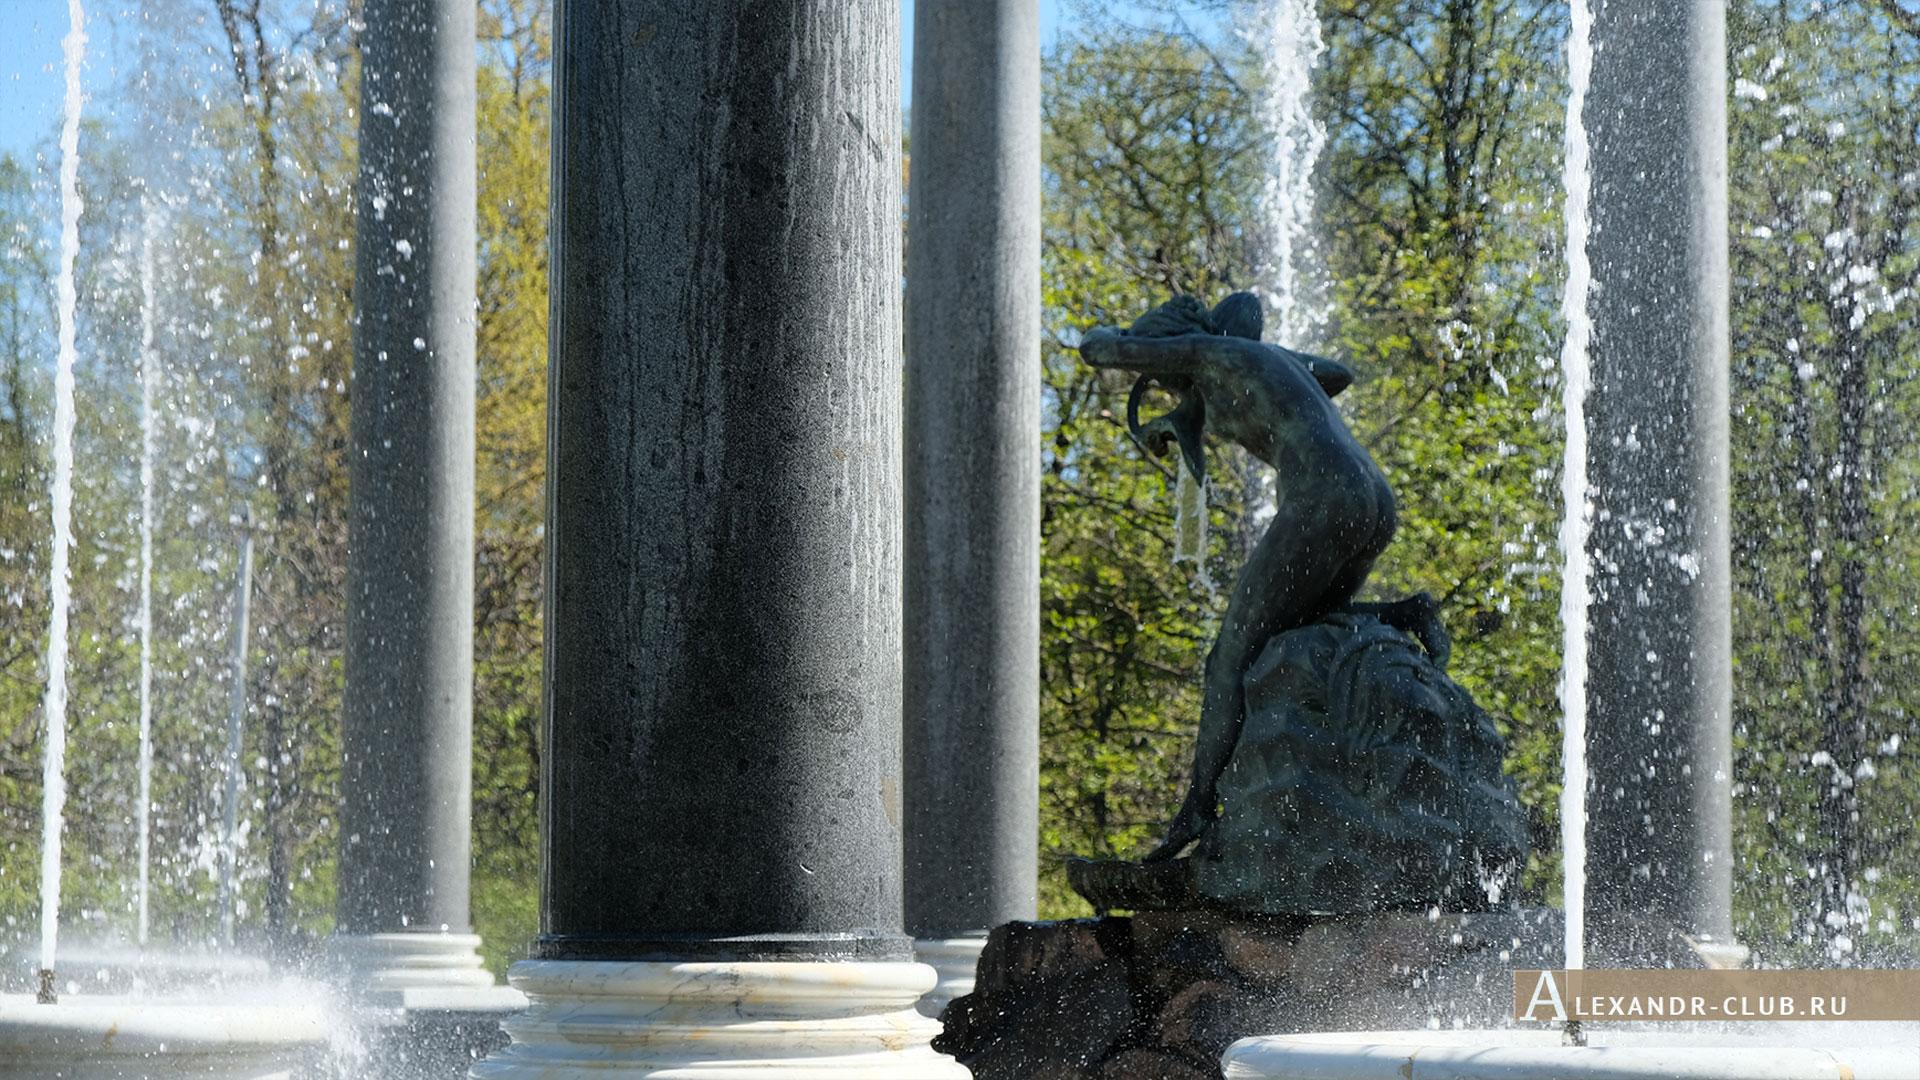 Петергоф, весна, Нижний парк, фонтан «Львиный каскад», нимфа Аганиппа